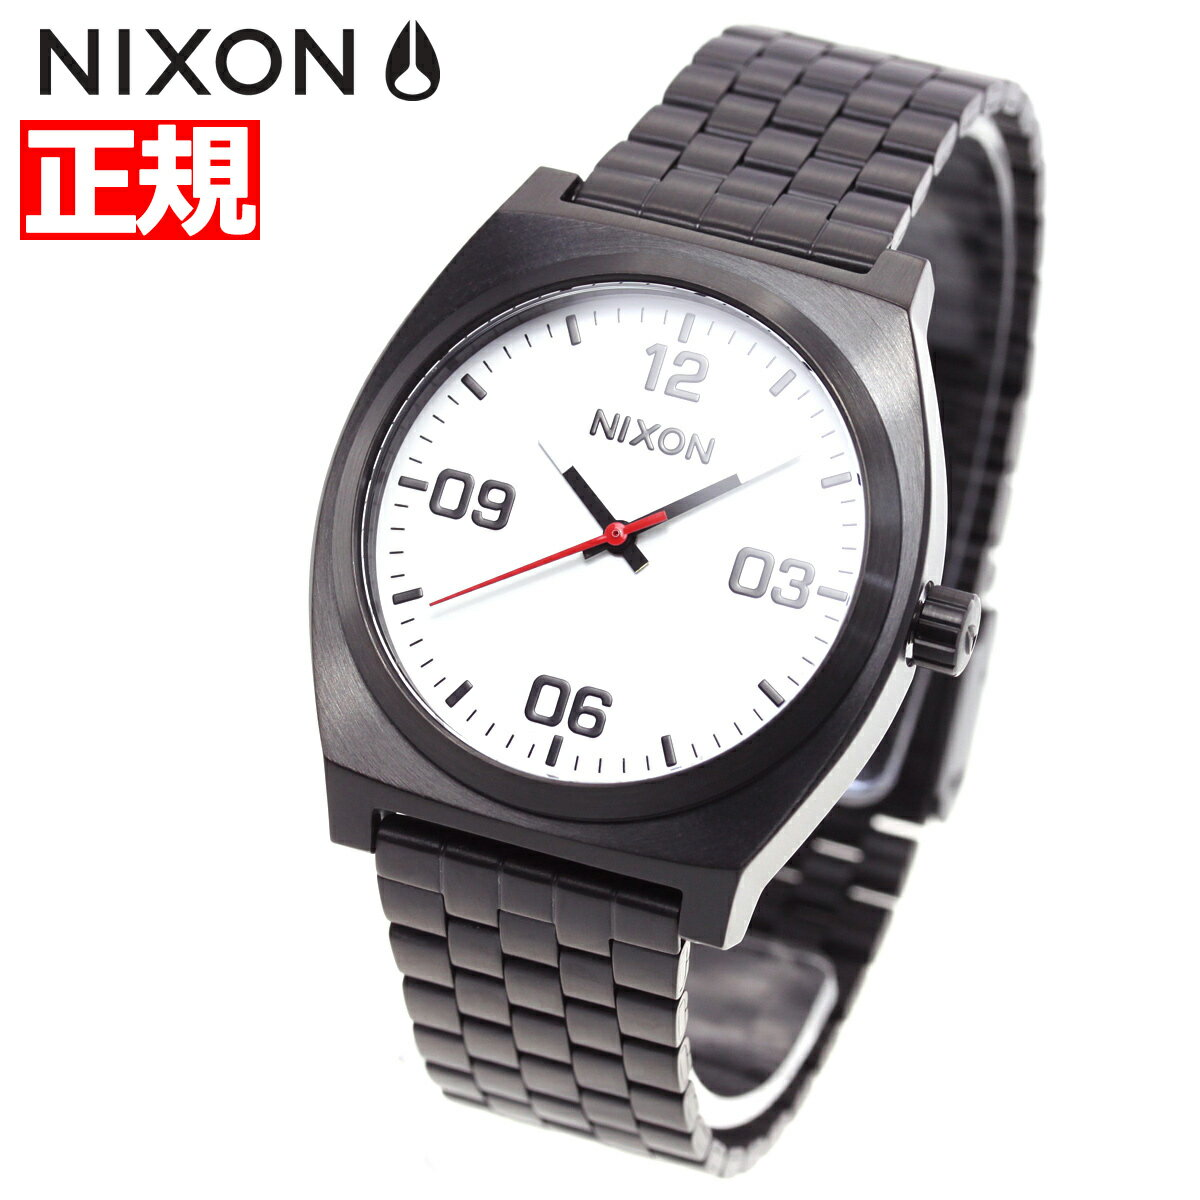 ニクソン NIXON タイムテラー コープ TIME TELLER CORP 腕時計 メンズ レディース ブラック/ホワイト NA1247005-00【2018 新作】